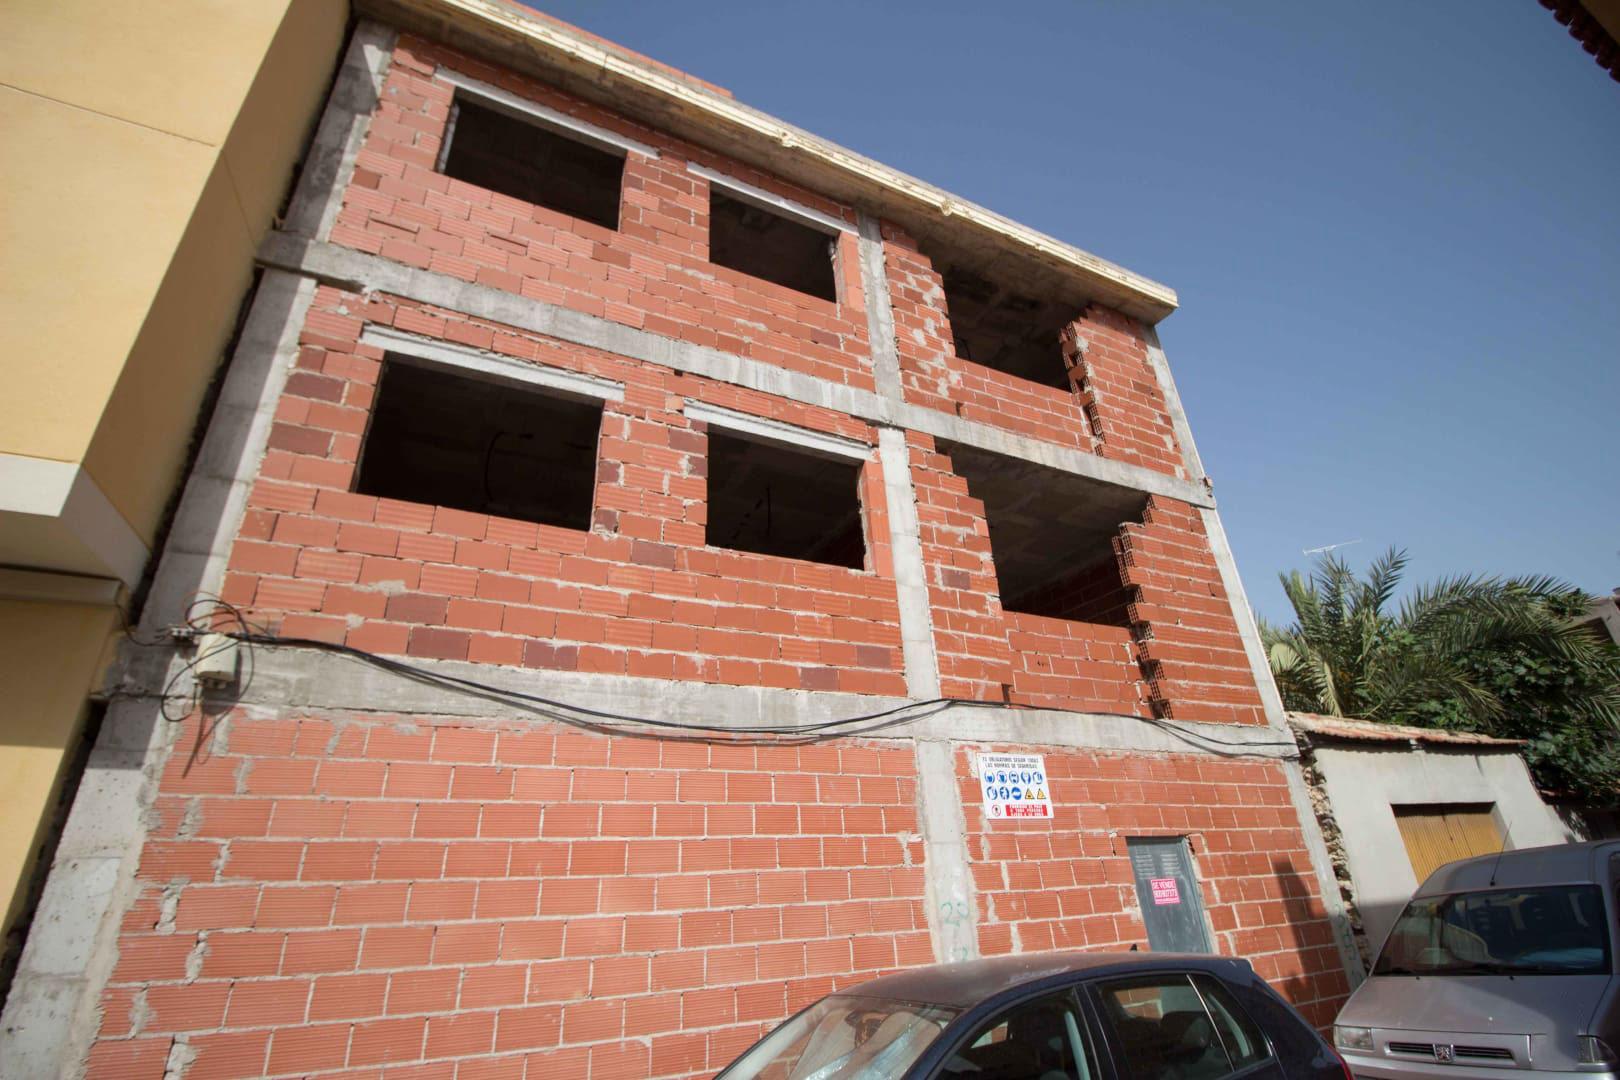 Piso en venta en Archena, Murcia, Calle Poniente, 72.043 €, 3 habitaciones, 224 m2